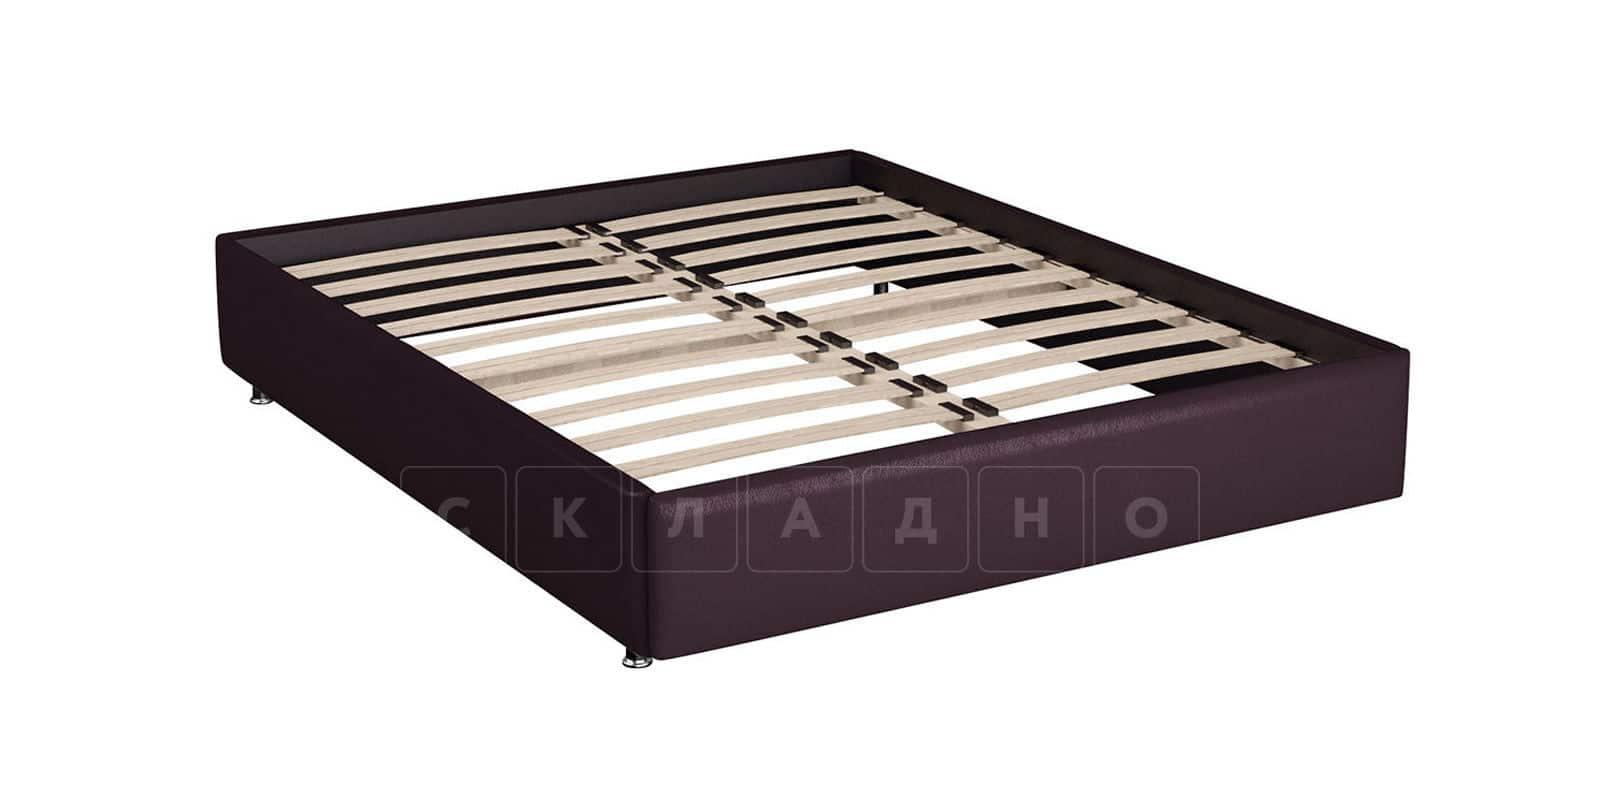 Мягкая кровать Малибу 160см экокожа шоколадного цвета вариант 1-2 фото 10 | интернет-магазин Складно